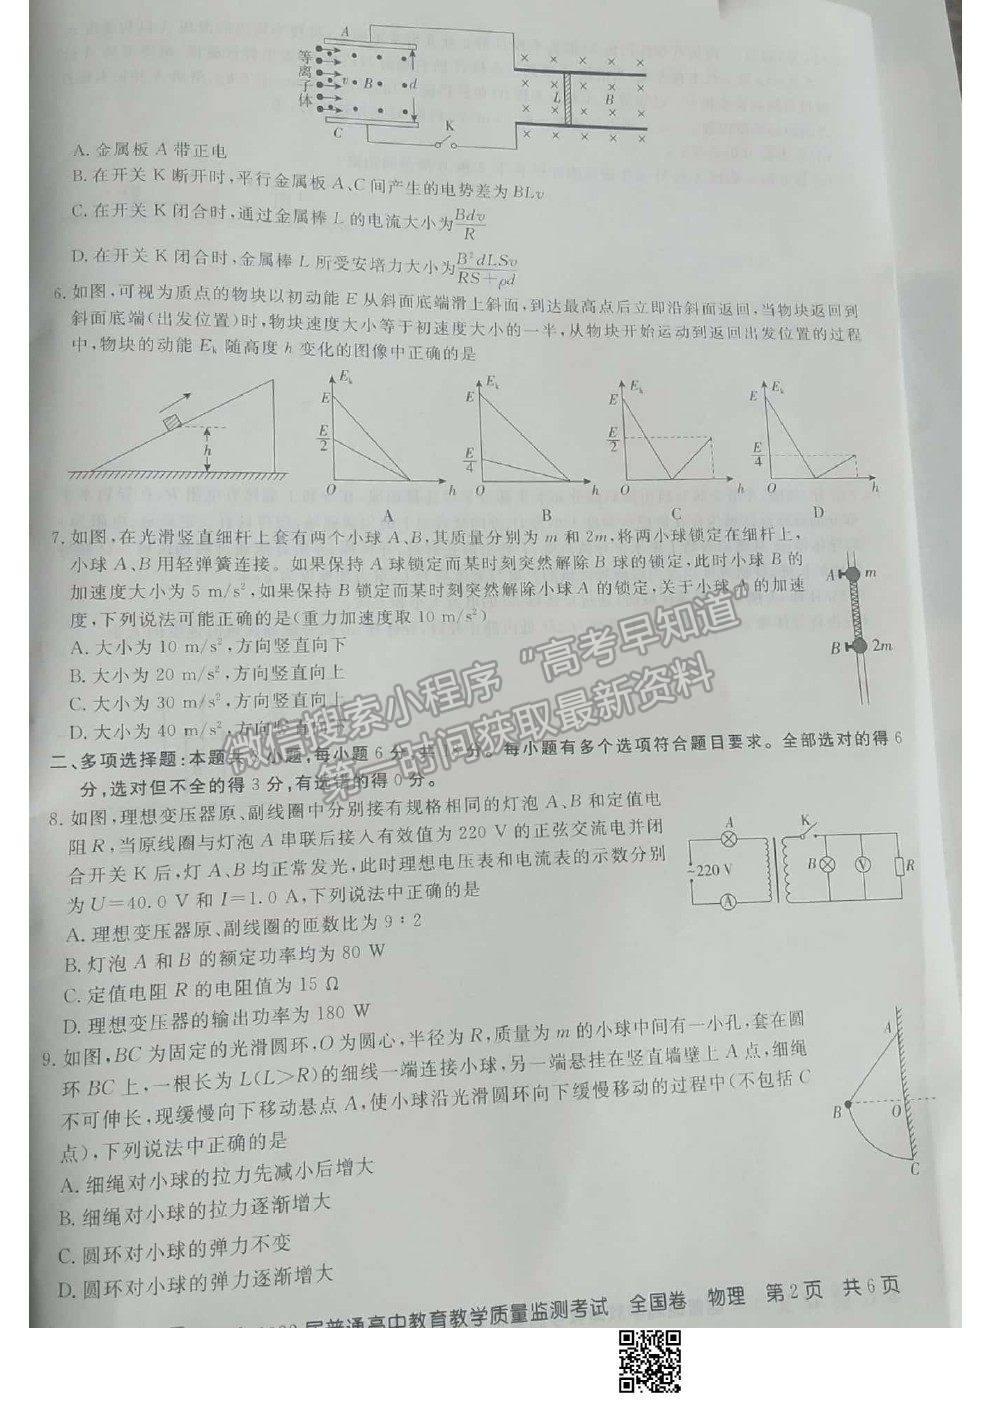 2022百校聯盟高三9月聯考(全國卷)物理試題及參考答案